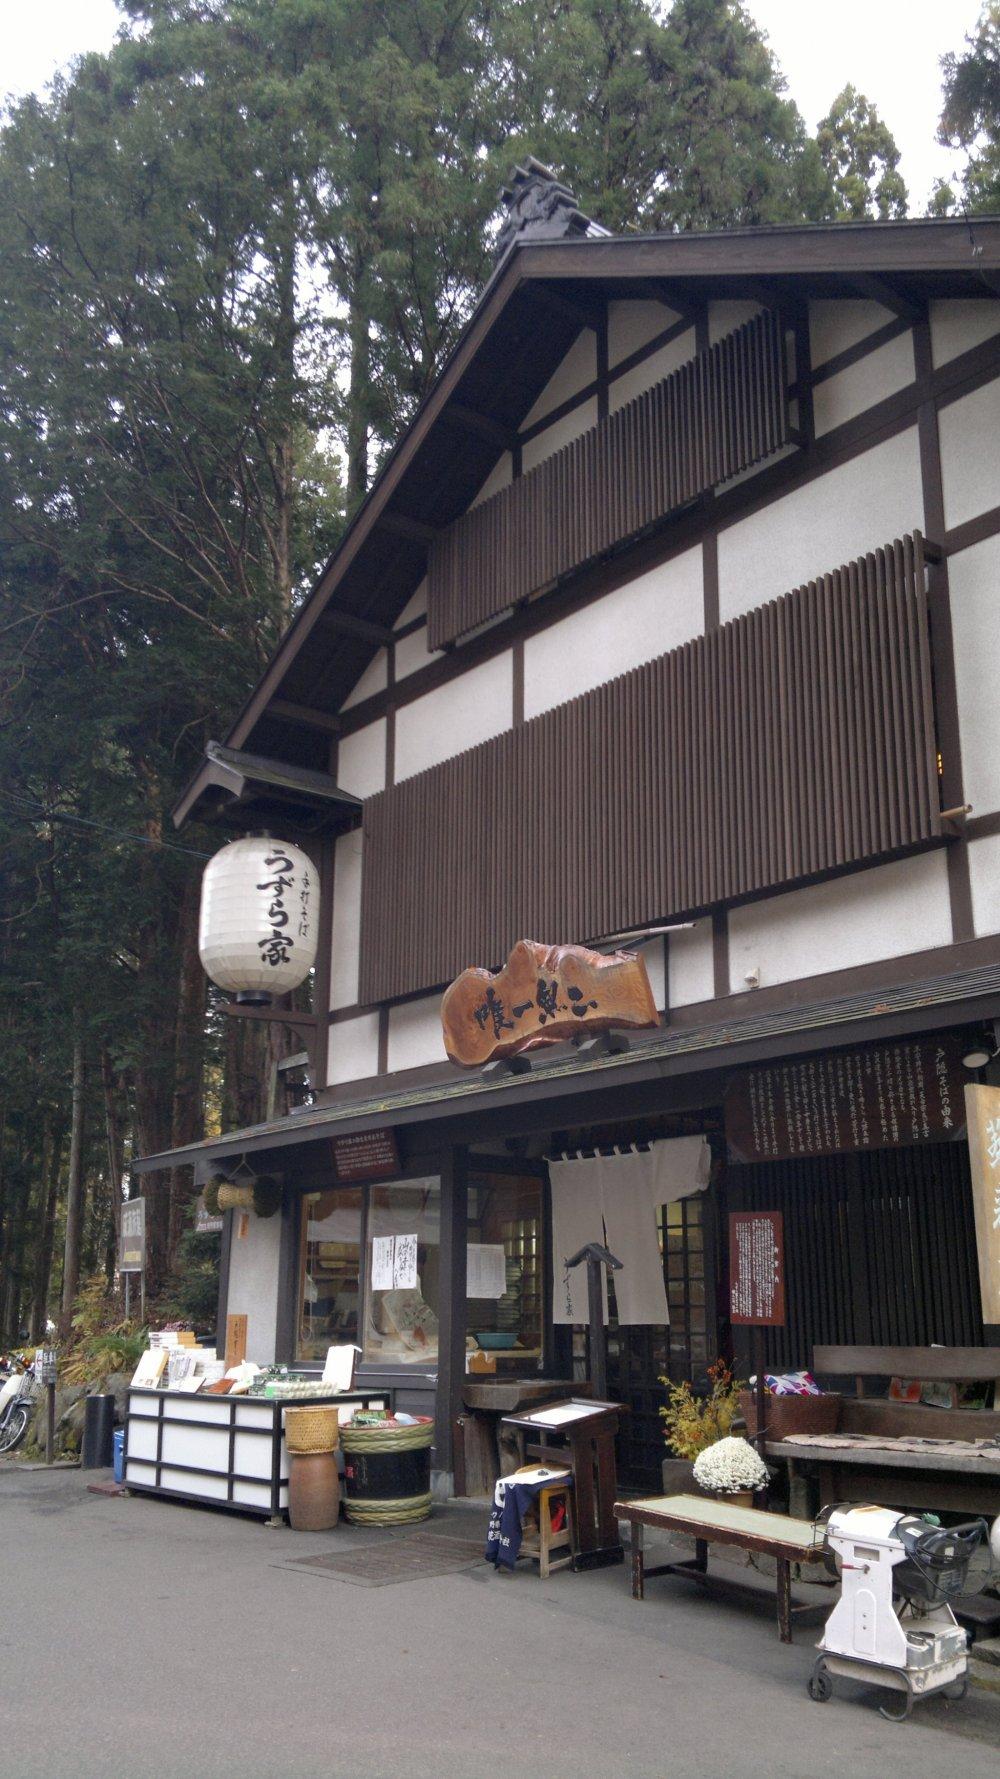 Bangunan itu sendiri mengalirkan ketenangan dengan arsitektur khas Jepangny